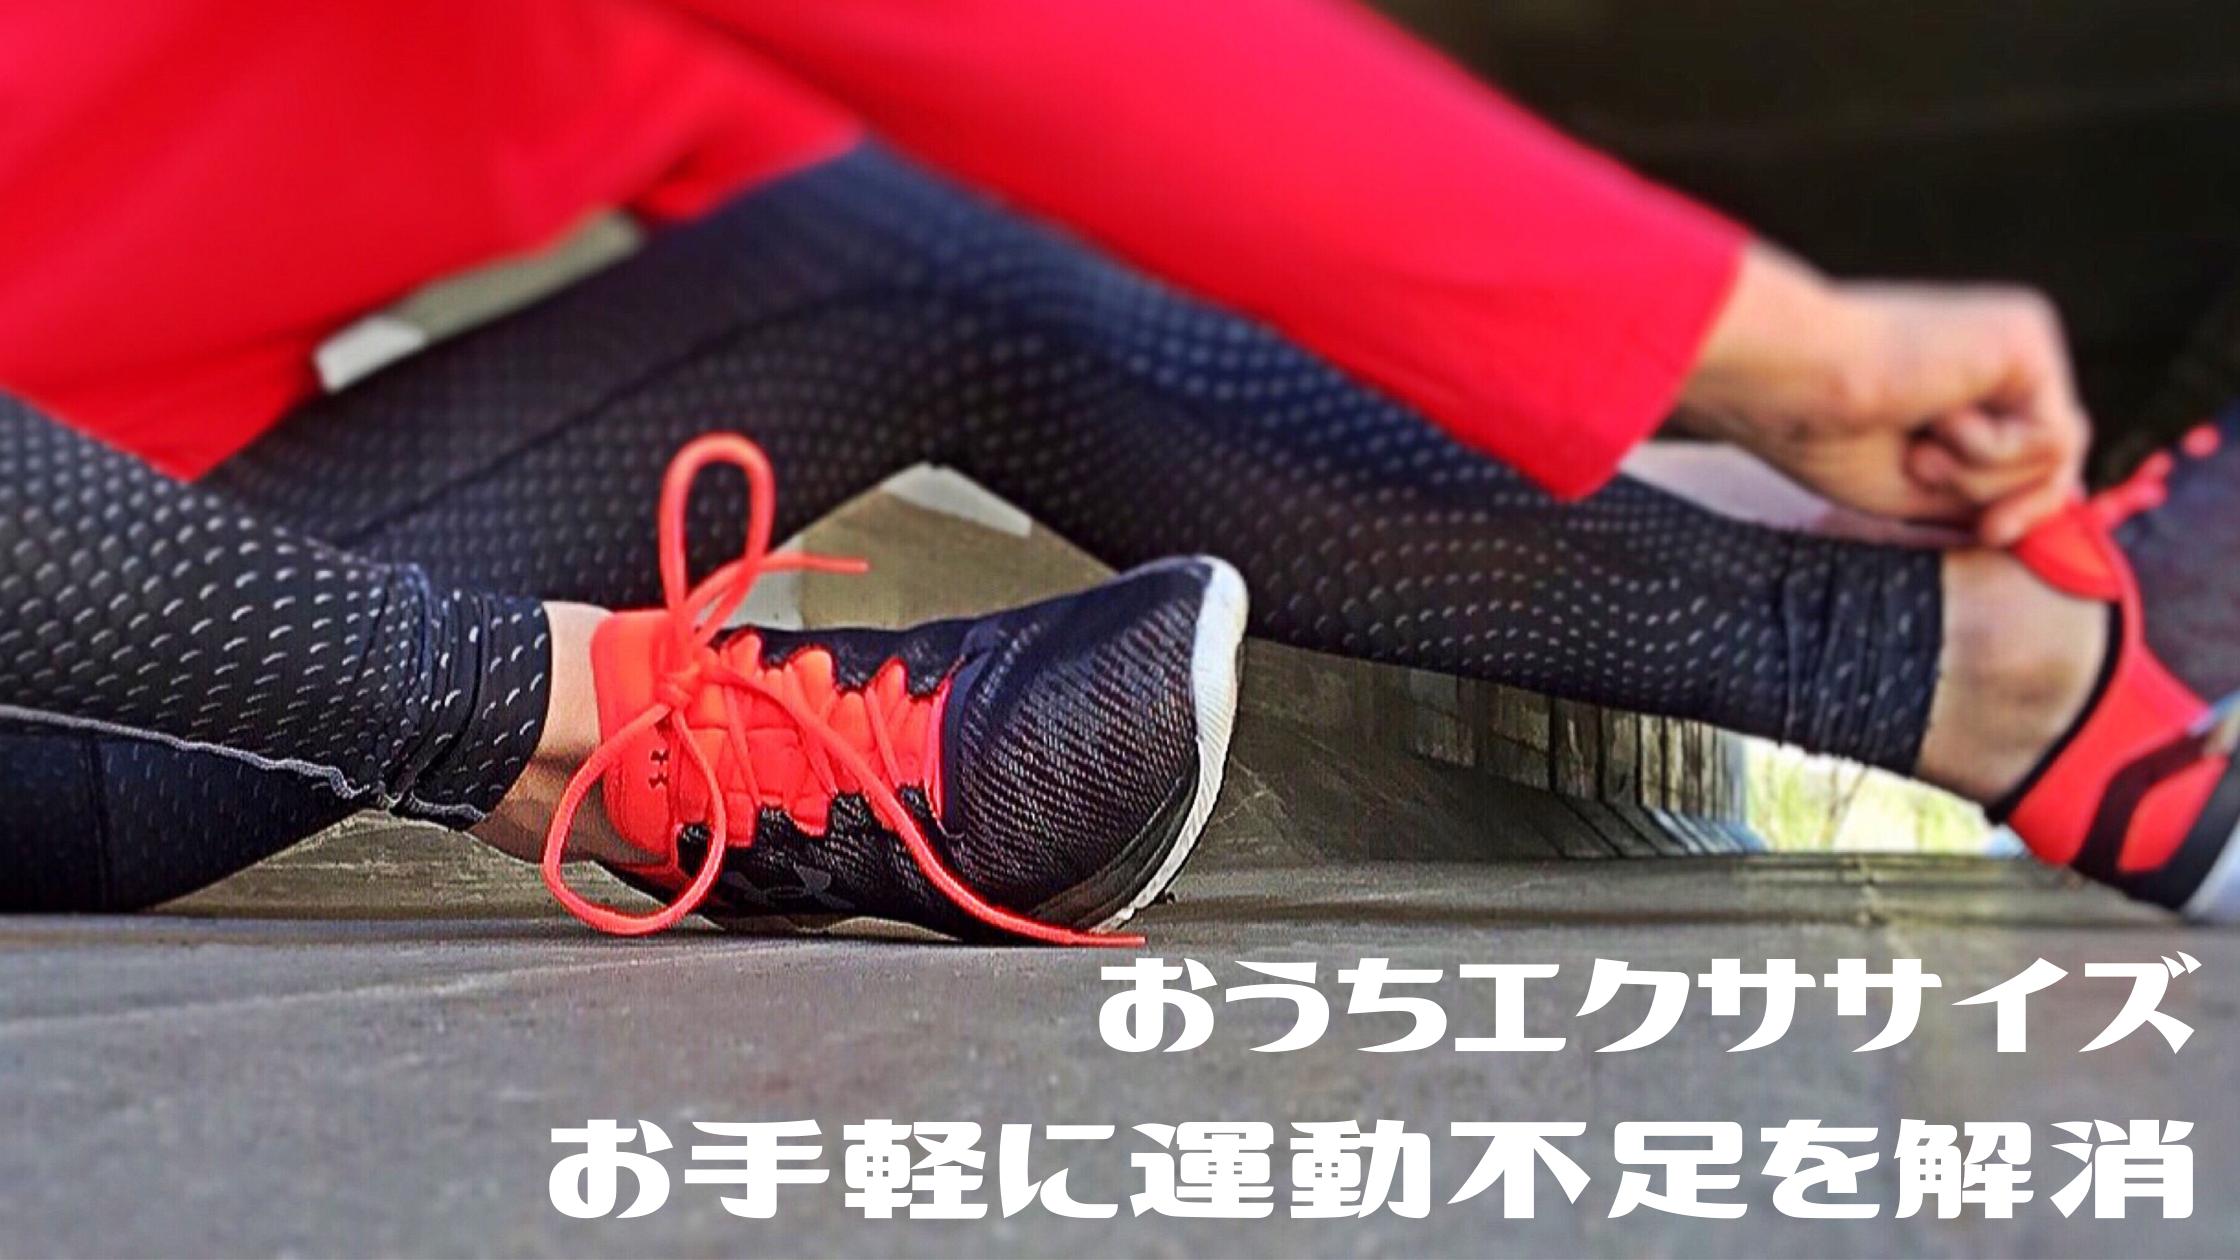 【スポーツの秋】運動不足解消【おうちエクササイズ】あの❝タニタのアイテム❞でシェイプアップ